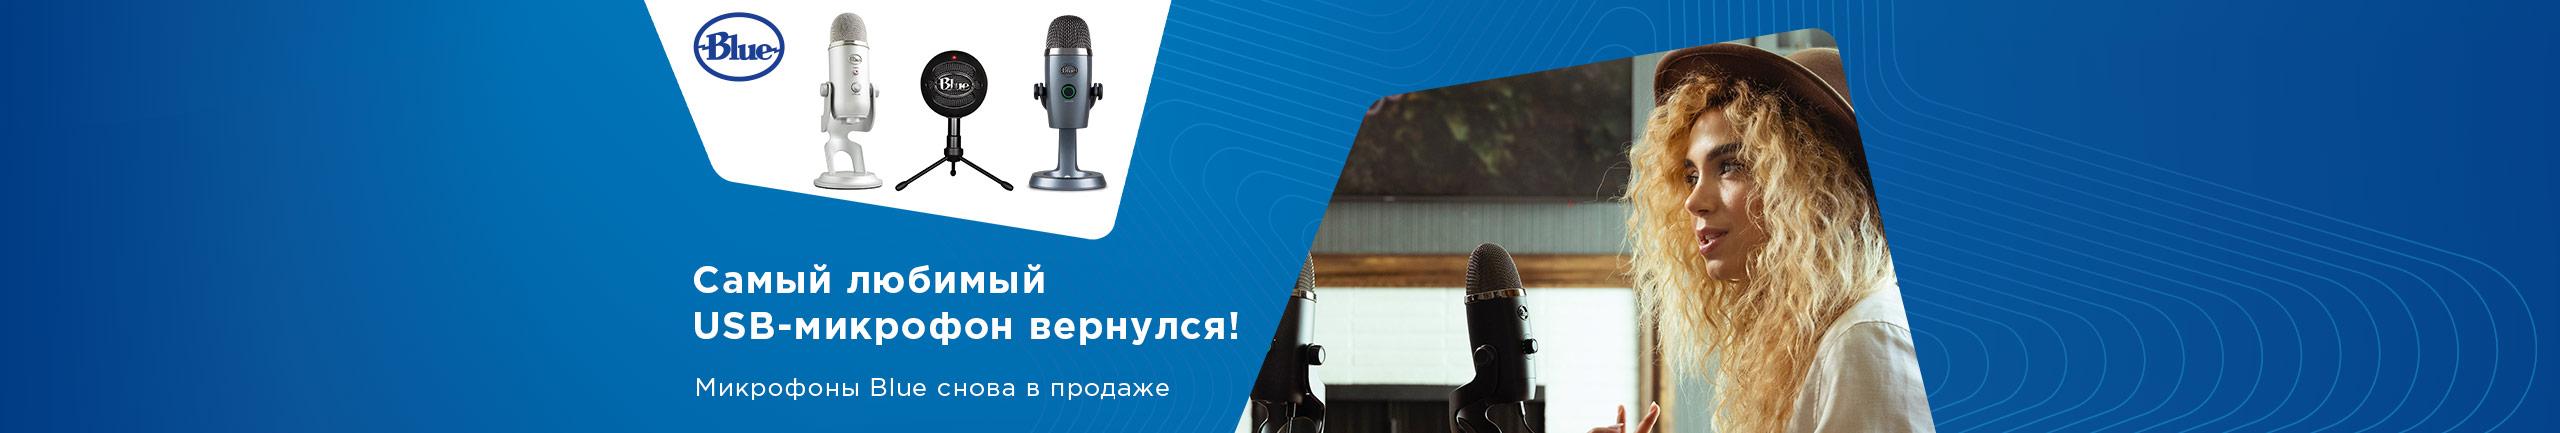 Микрофоны Blue предлагаются эксклюзивно в Euronics!